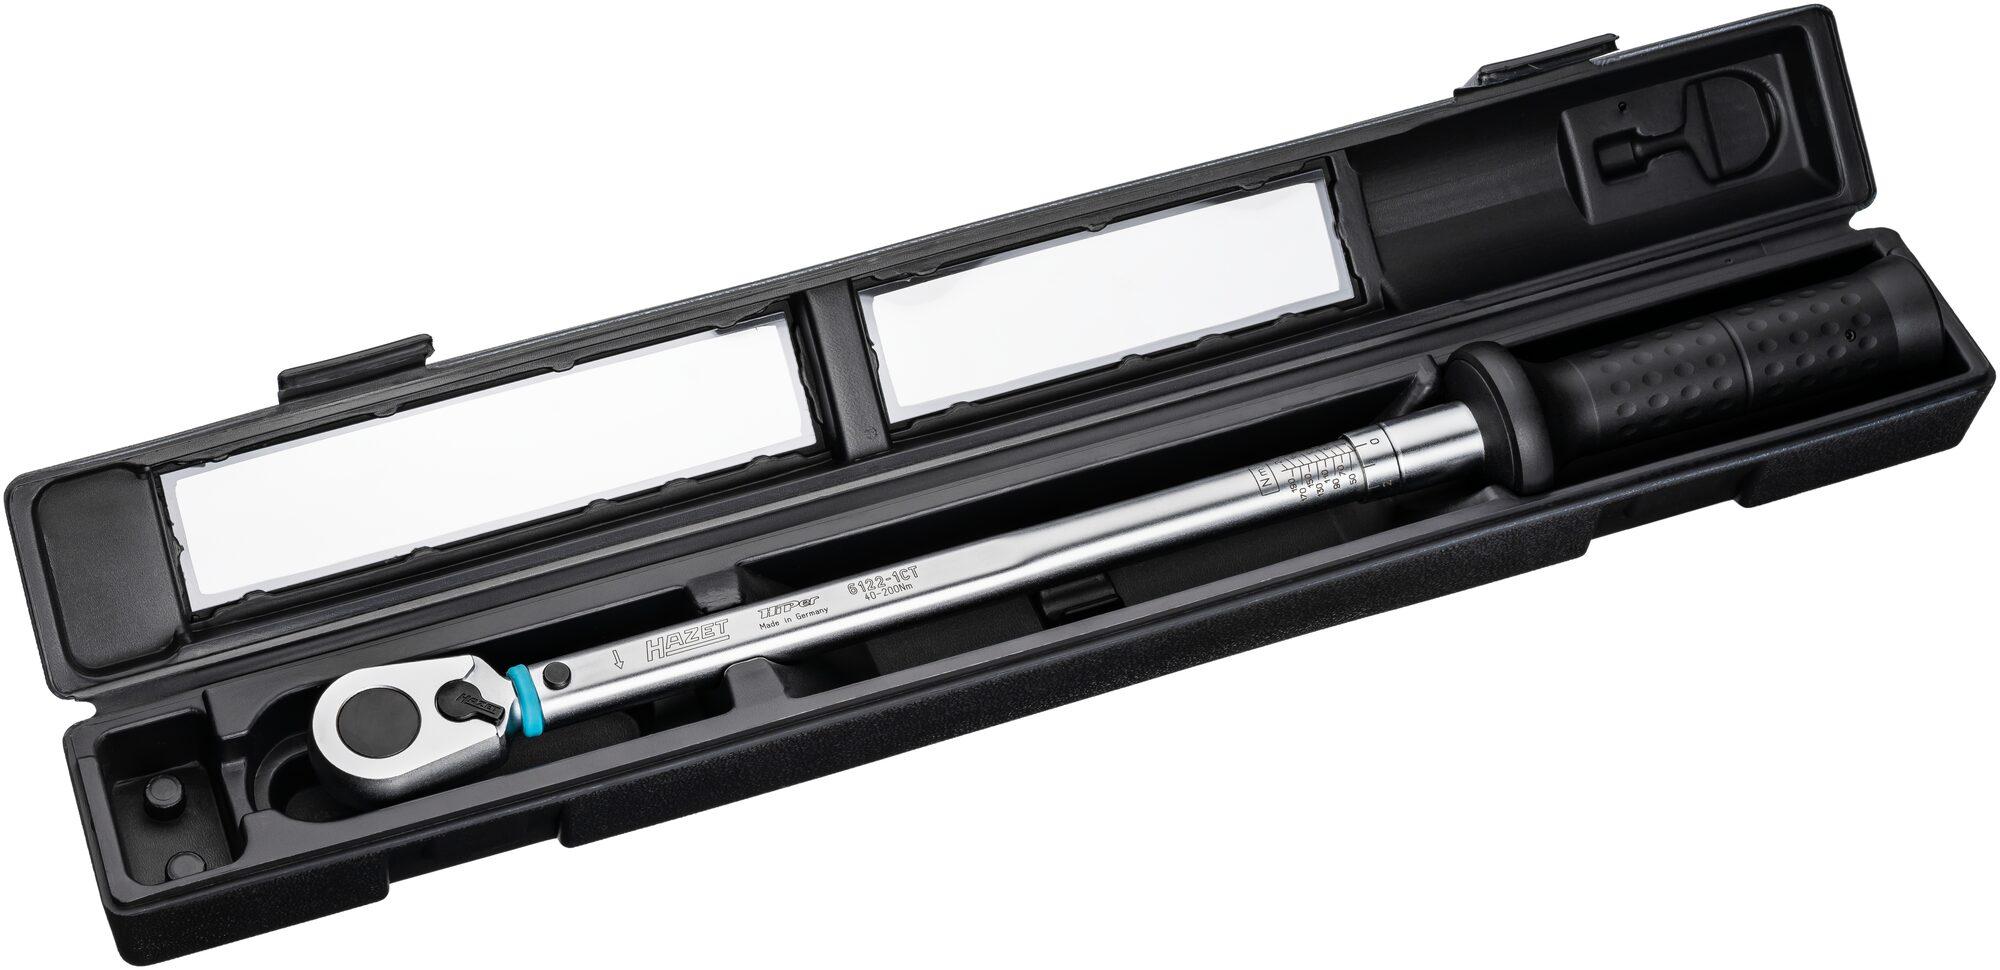 HAZET Drehmoment-Schlüssel 6143-1CTCAL ∙ Nm min-max: 100–400 Nm ∙ Toleranz: 2%